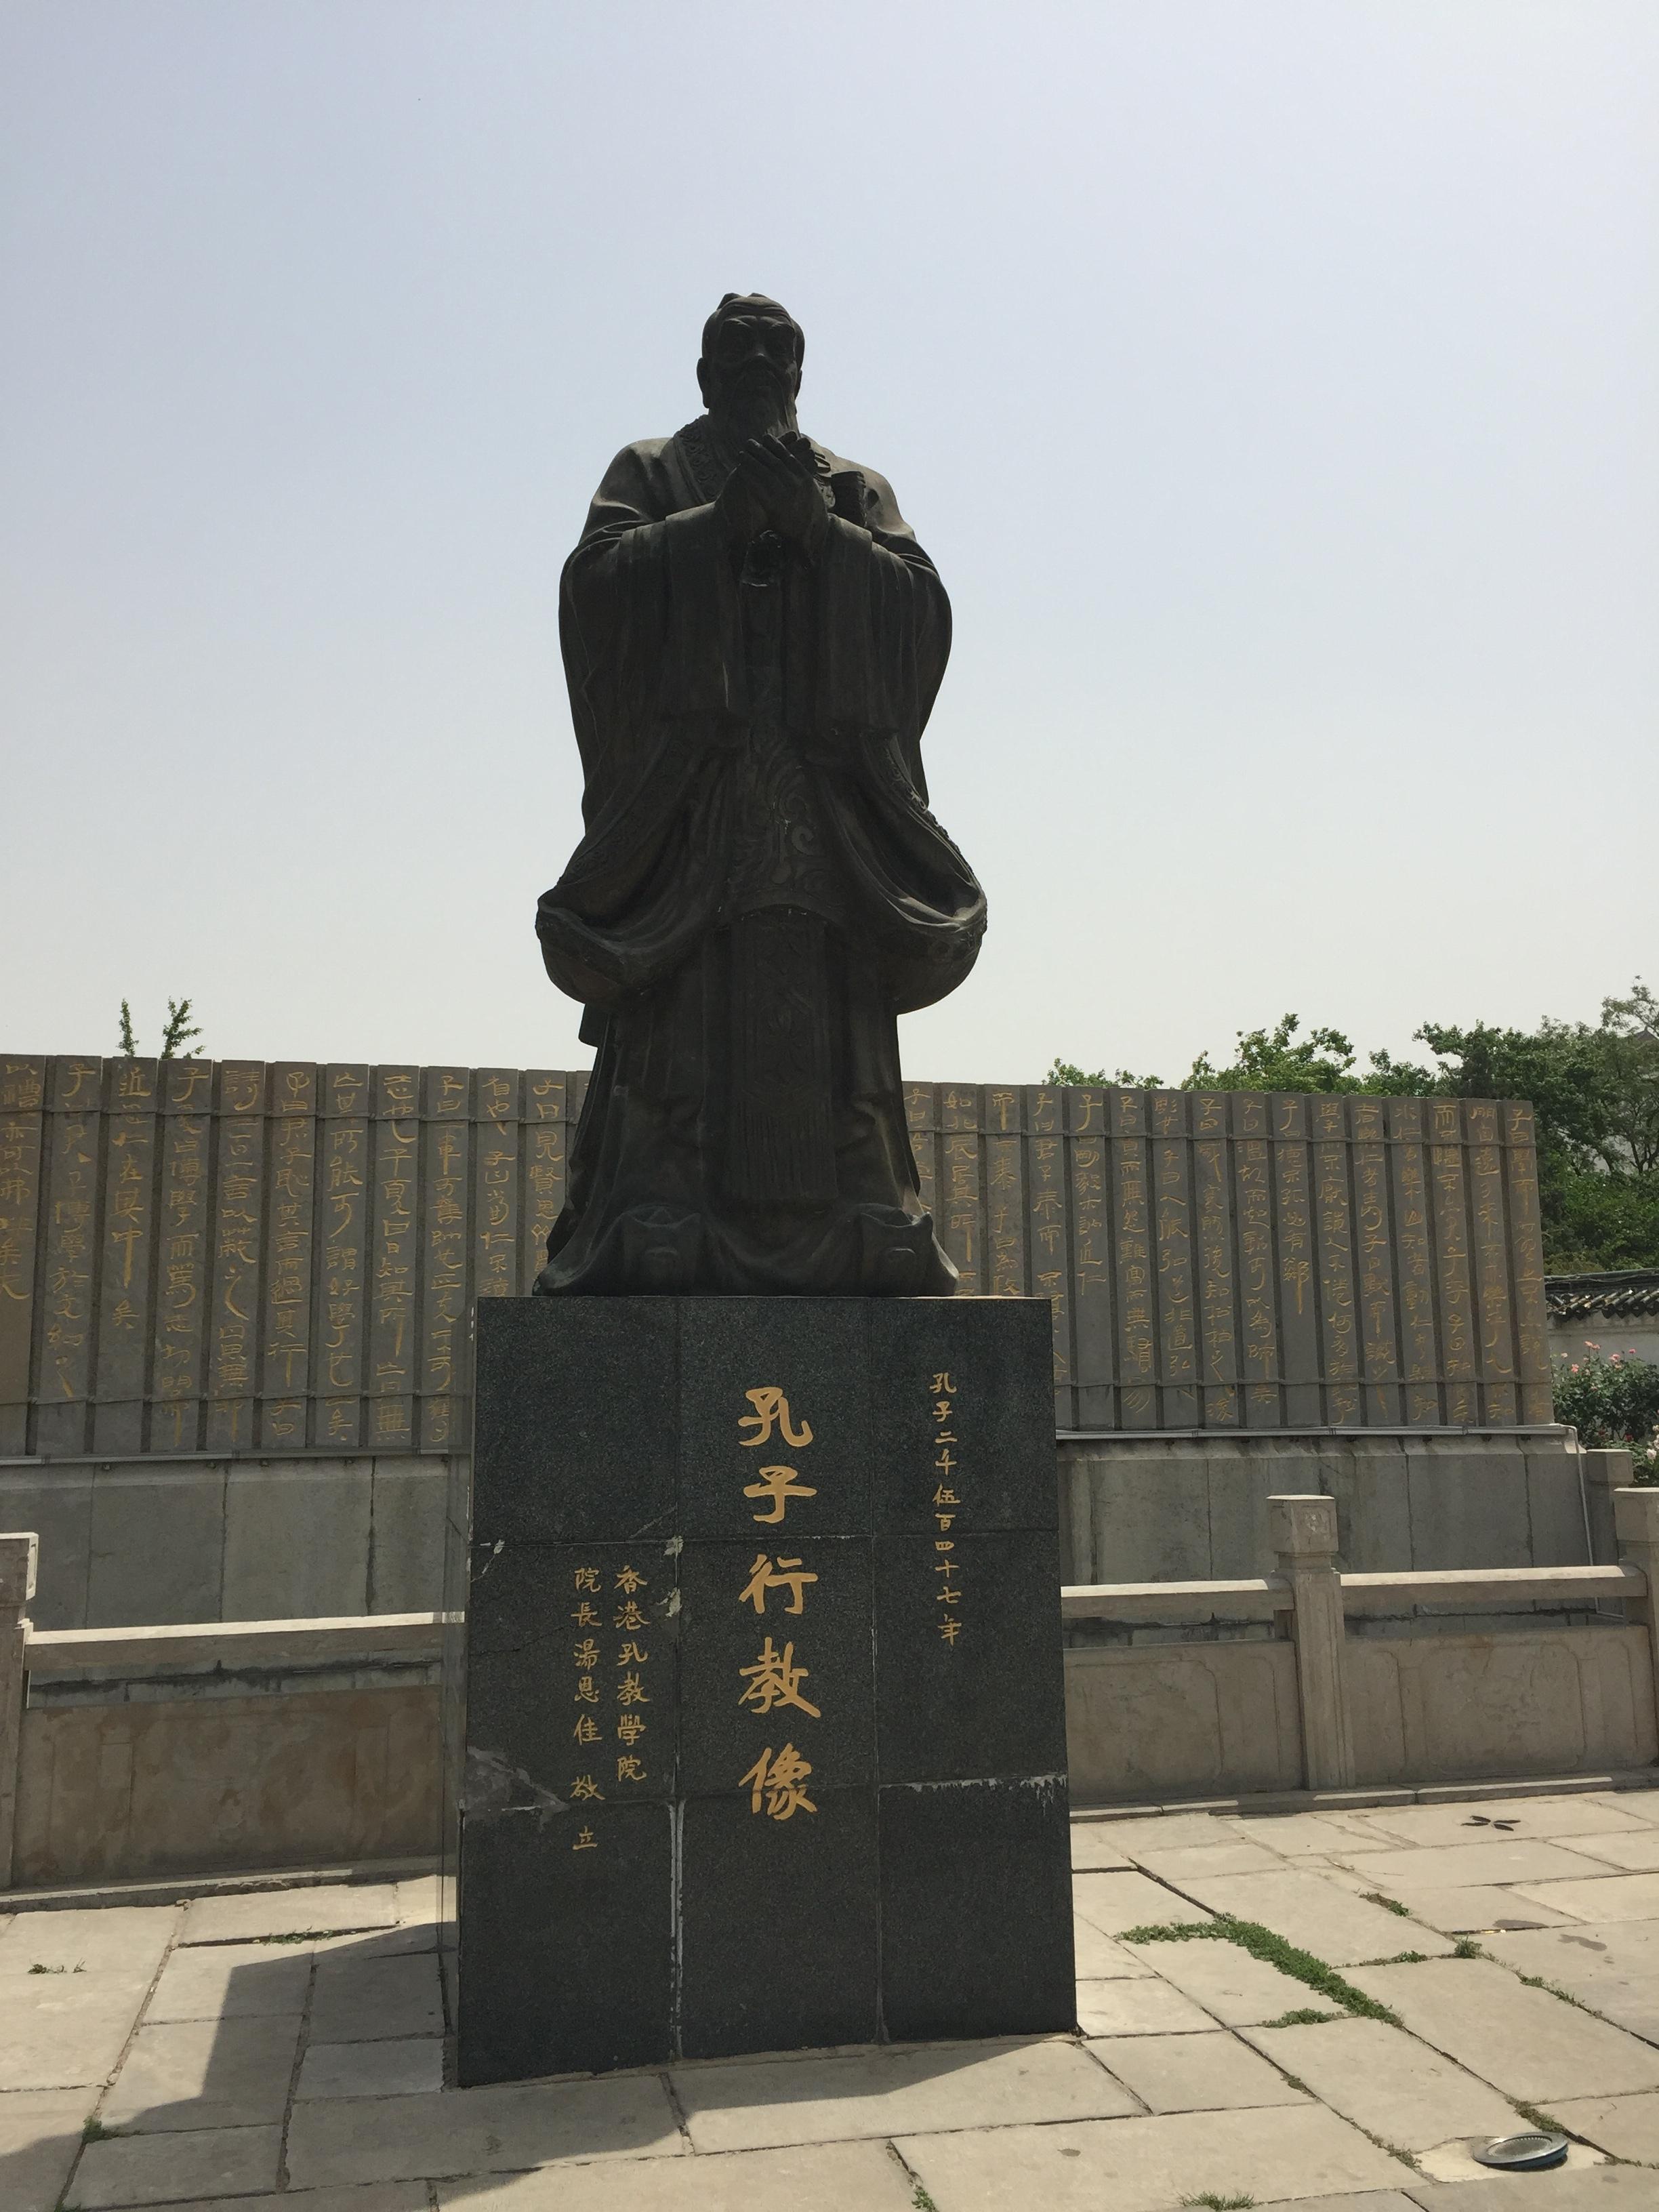 Confucius himself.